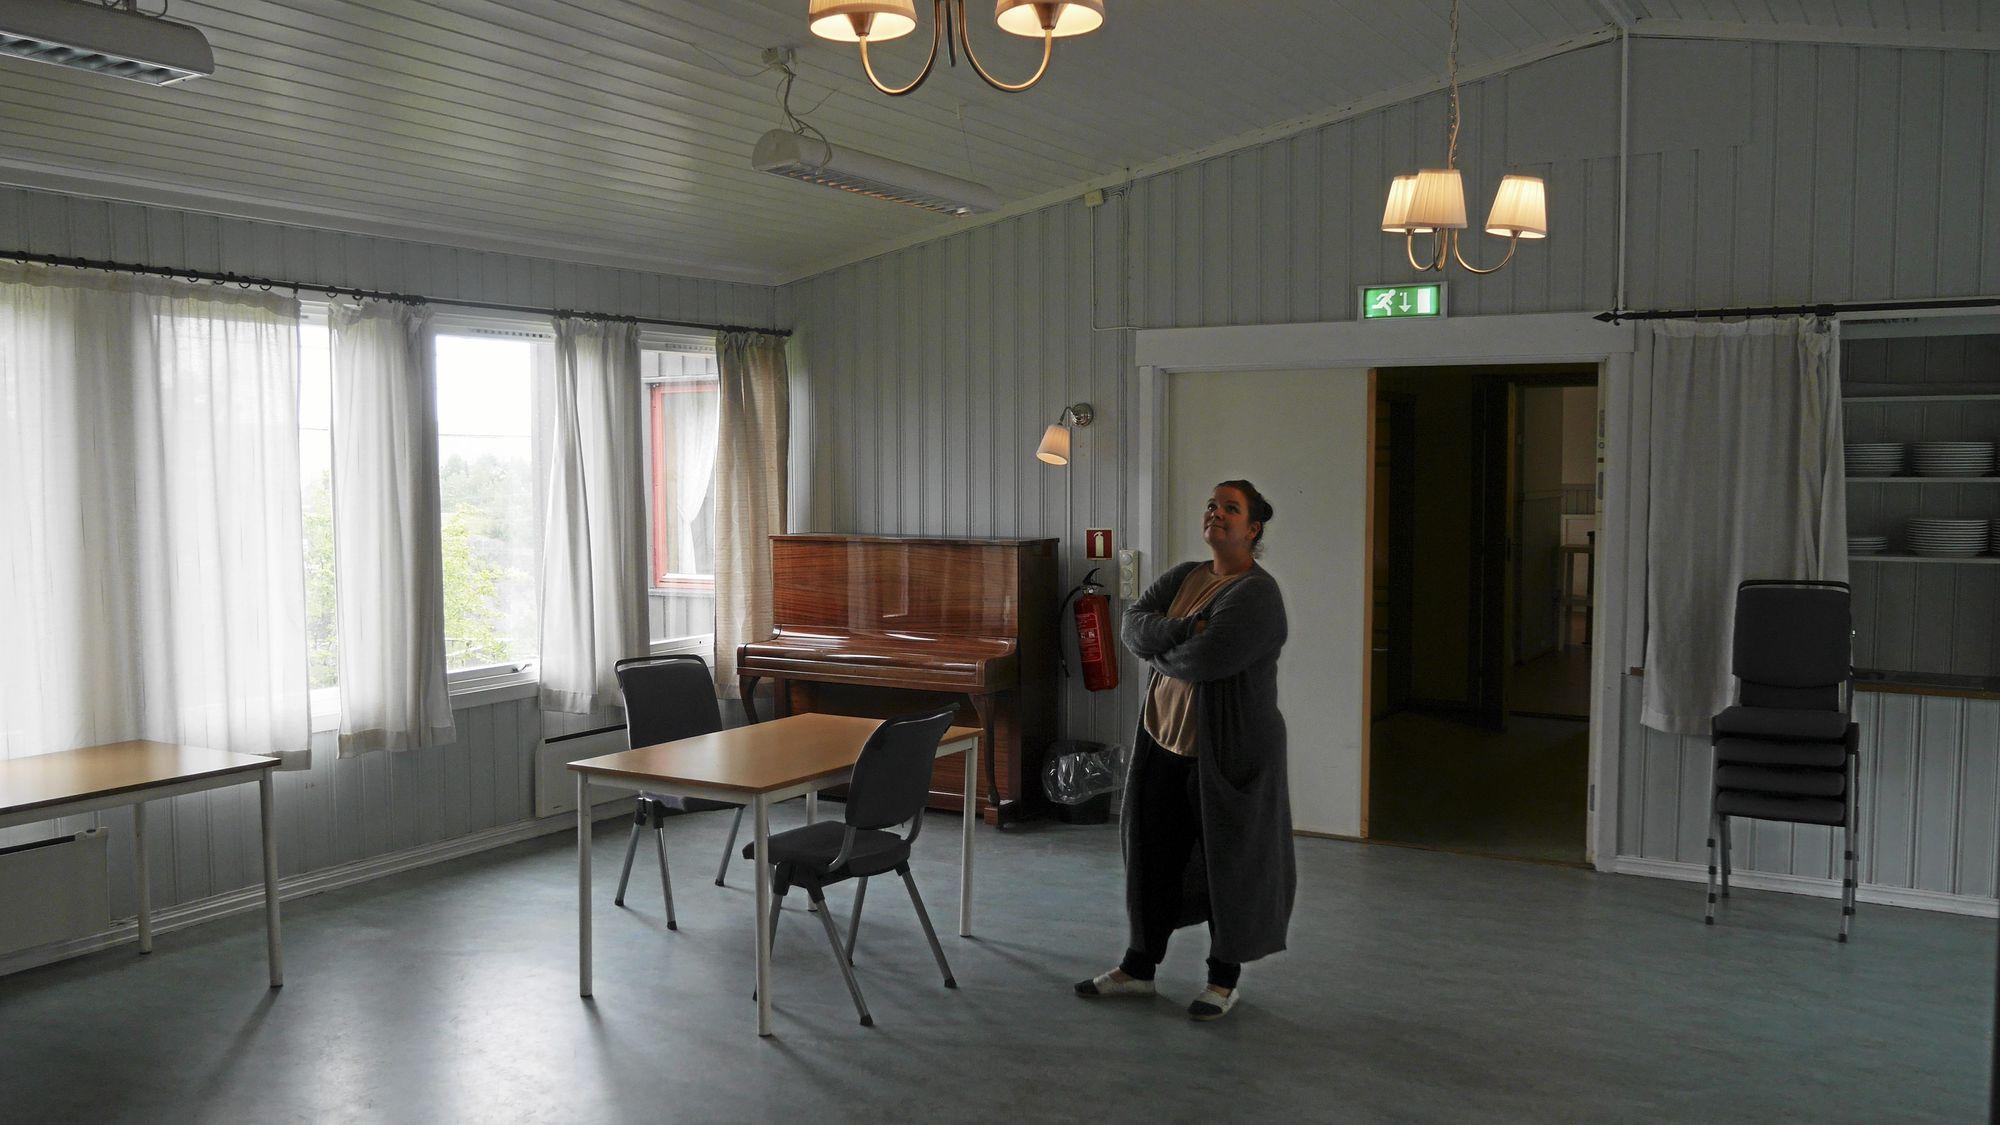 MANGE DRØMMER: Susann Faugli har store drømmer for det gode, gamle grendehuset på Oppegård. Nå kan det hende drømmene knuses og huset forsvinner.